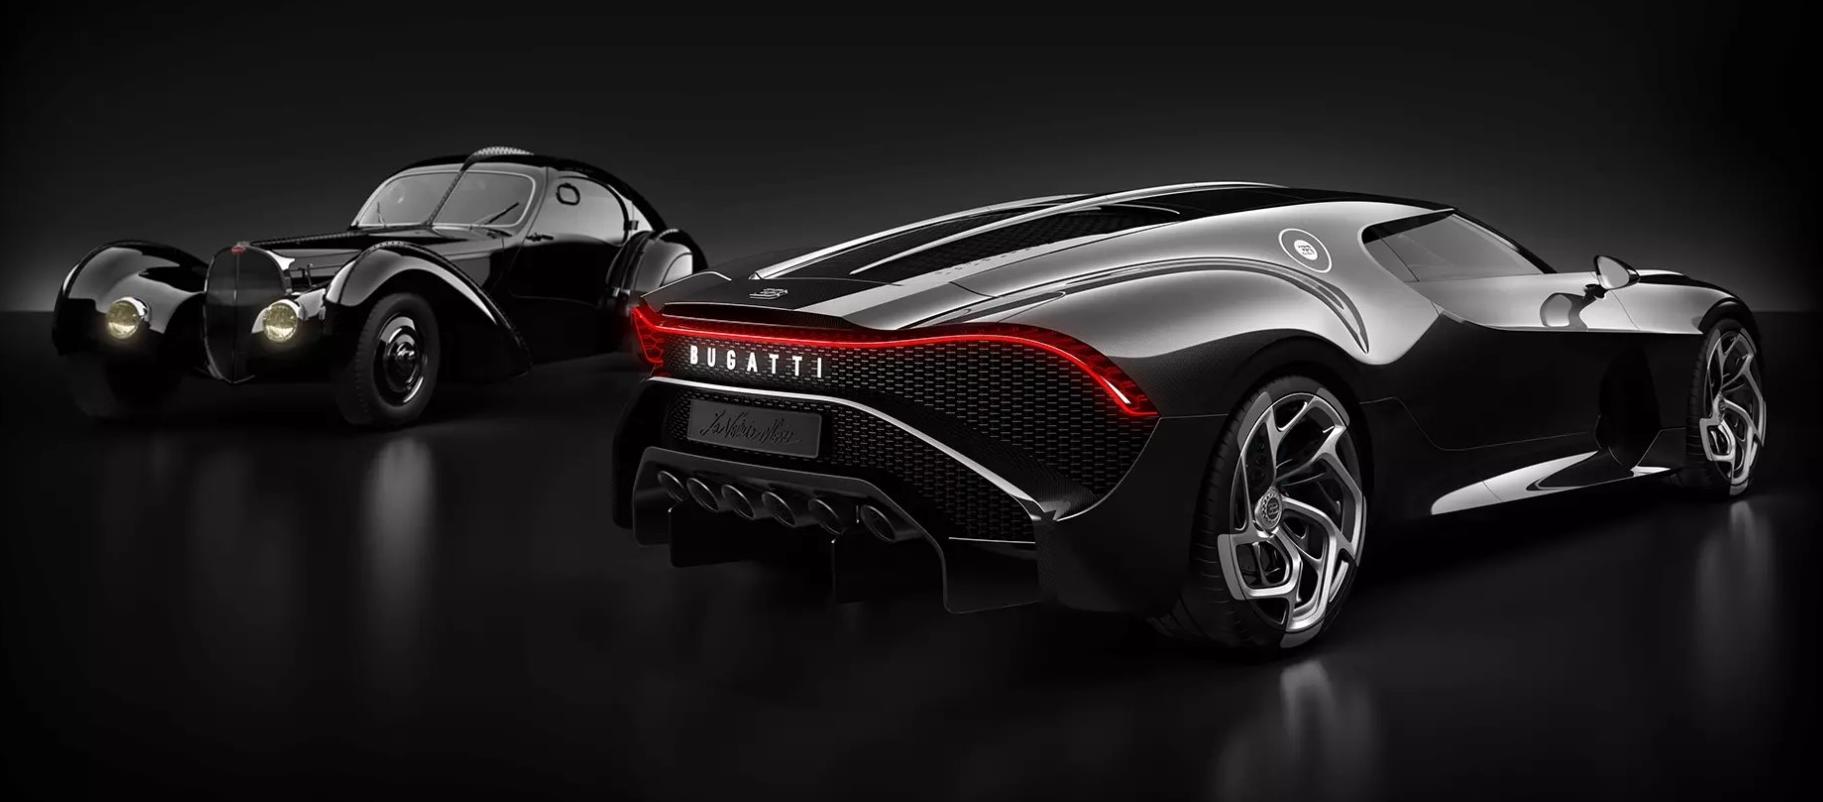 Bugatti La Voiture Noire je najskuplji automobil na svijetu